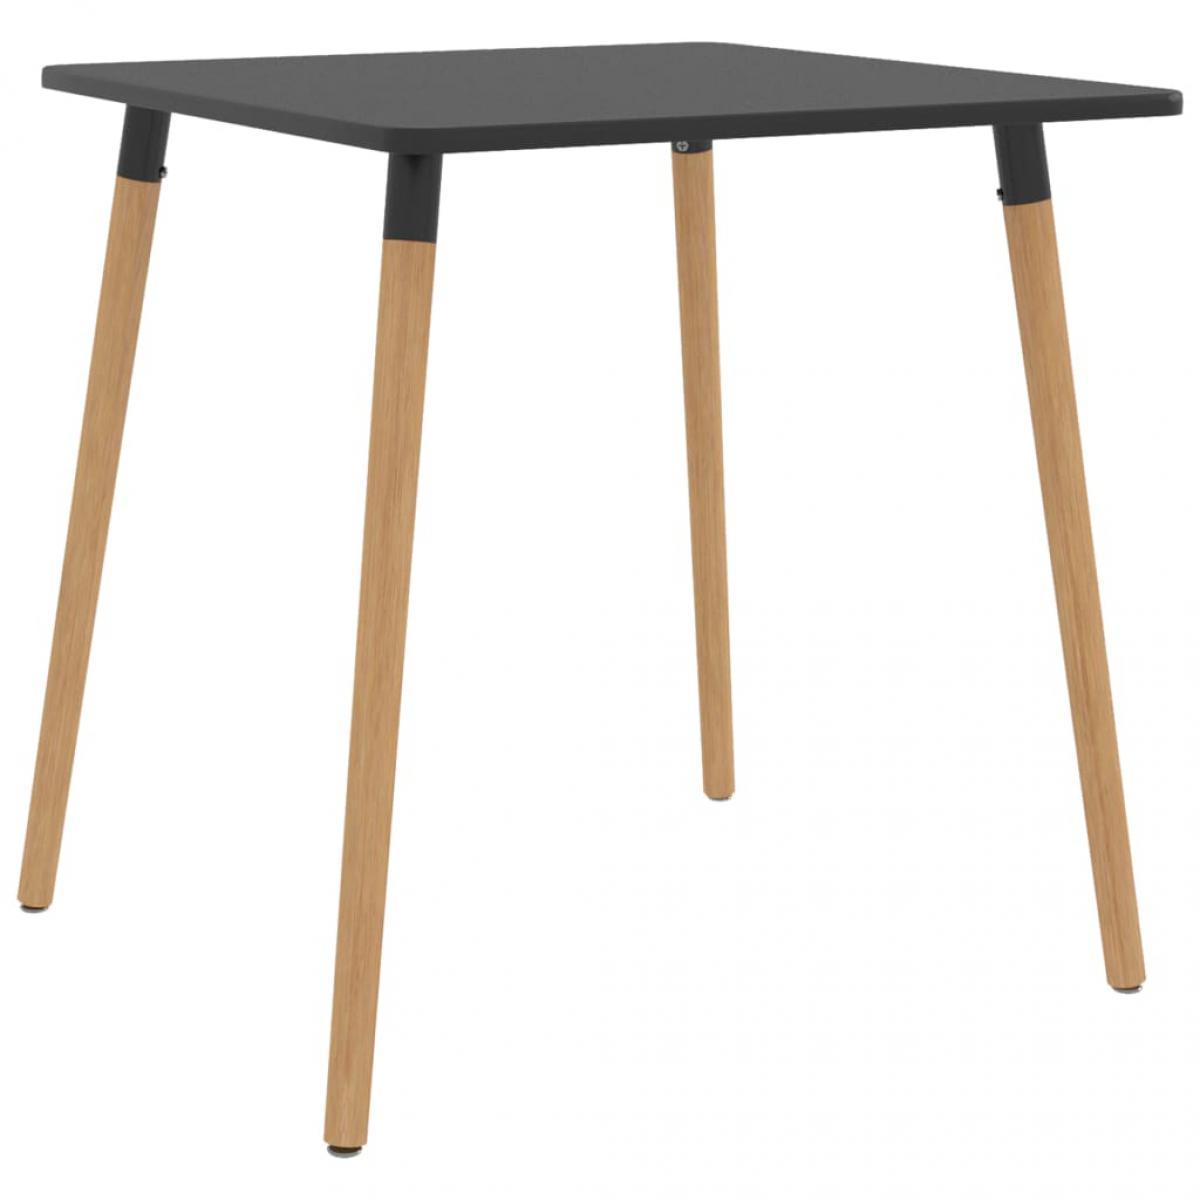 Chunhelife Table de salle à manger Gris 80x80x75 cm Métal